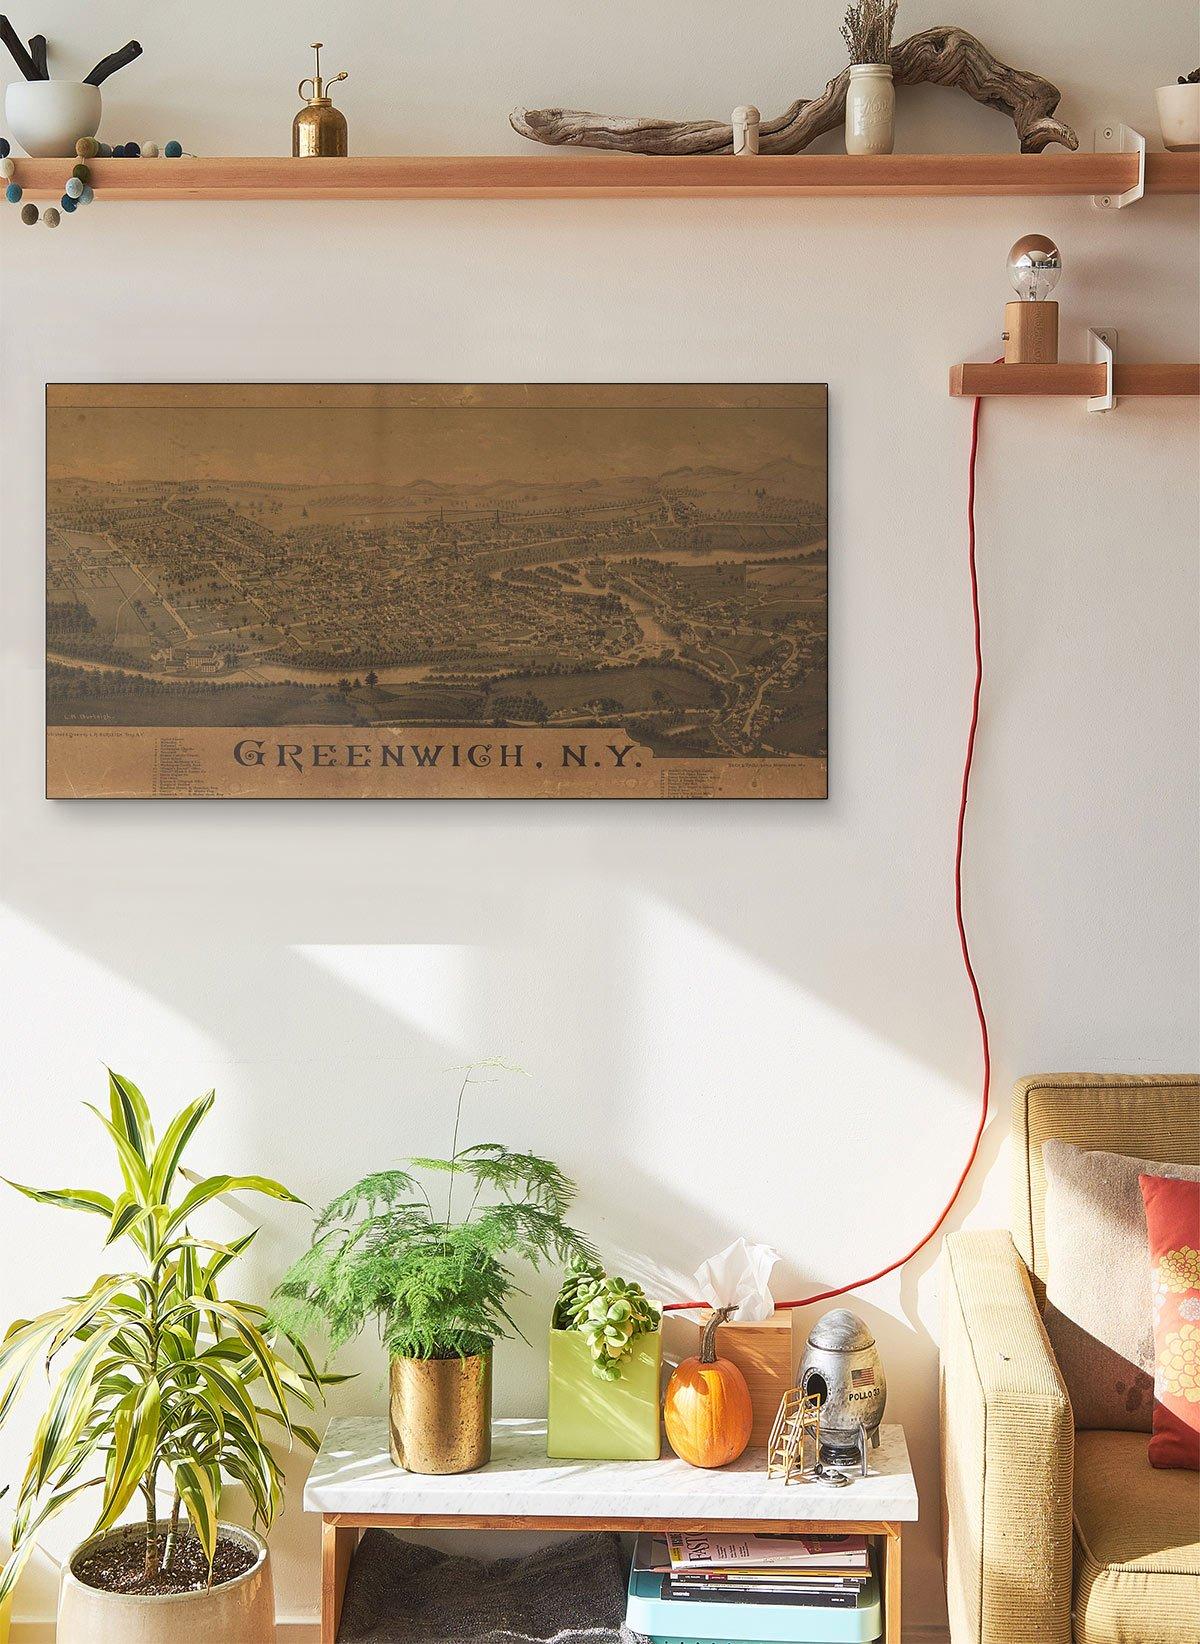 Greenwich N.y LARGE Vintage Map